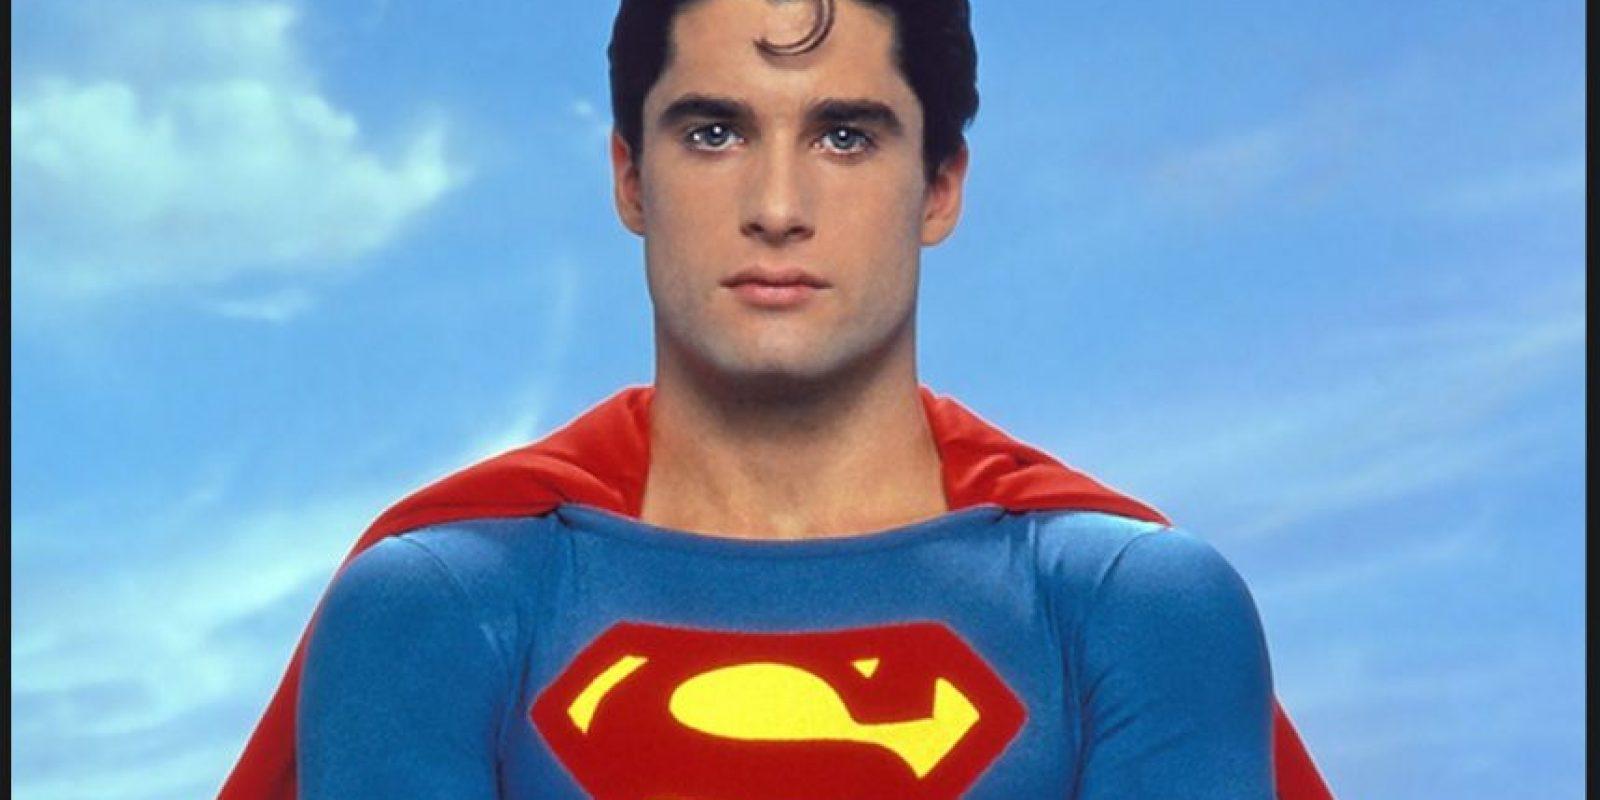 John Newton fue el elegido para personificar al superhéroe en una filme creado por fanáticos de personaje llamado Superman Classic 2011 Foto:Robb Pratt